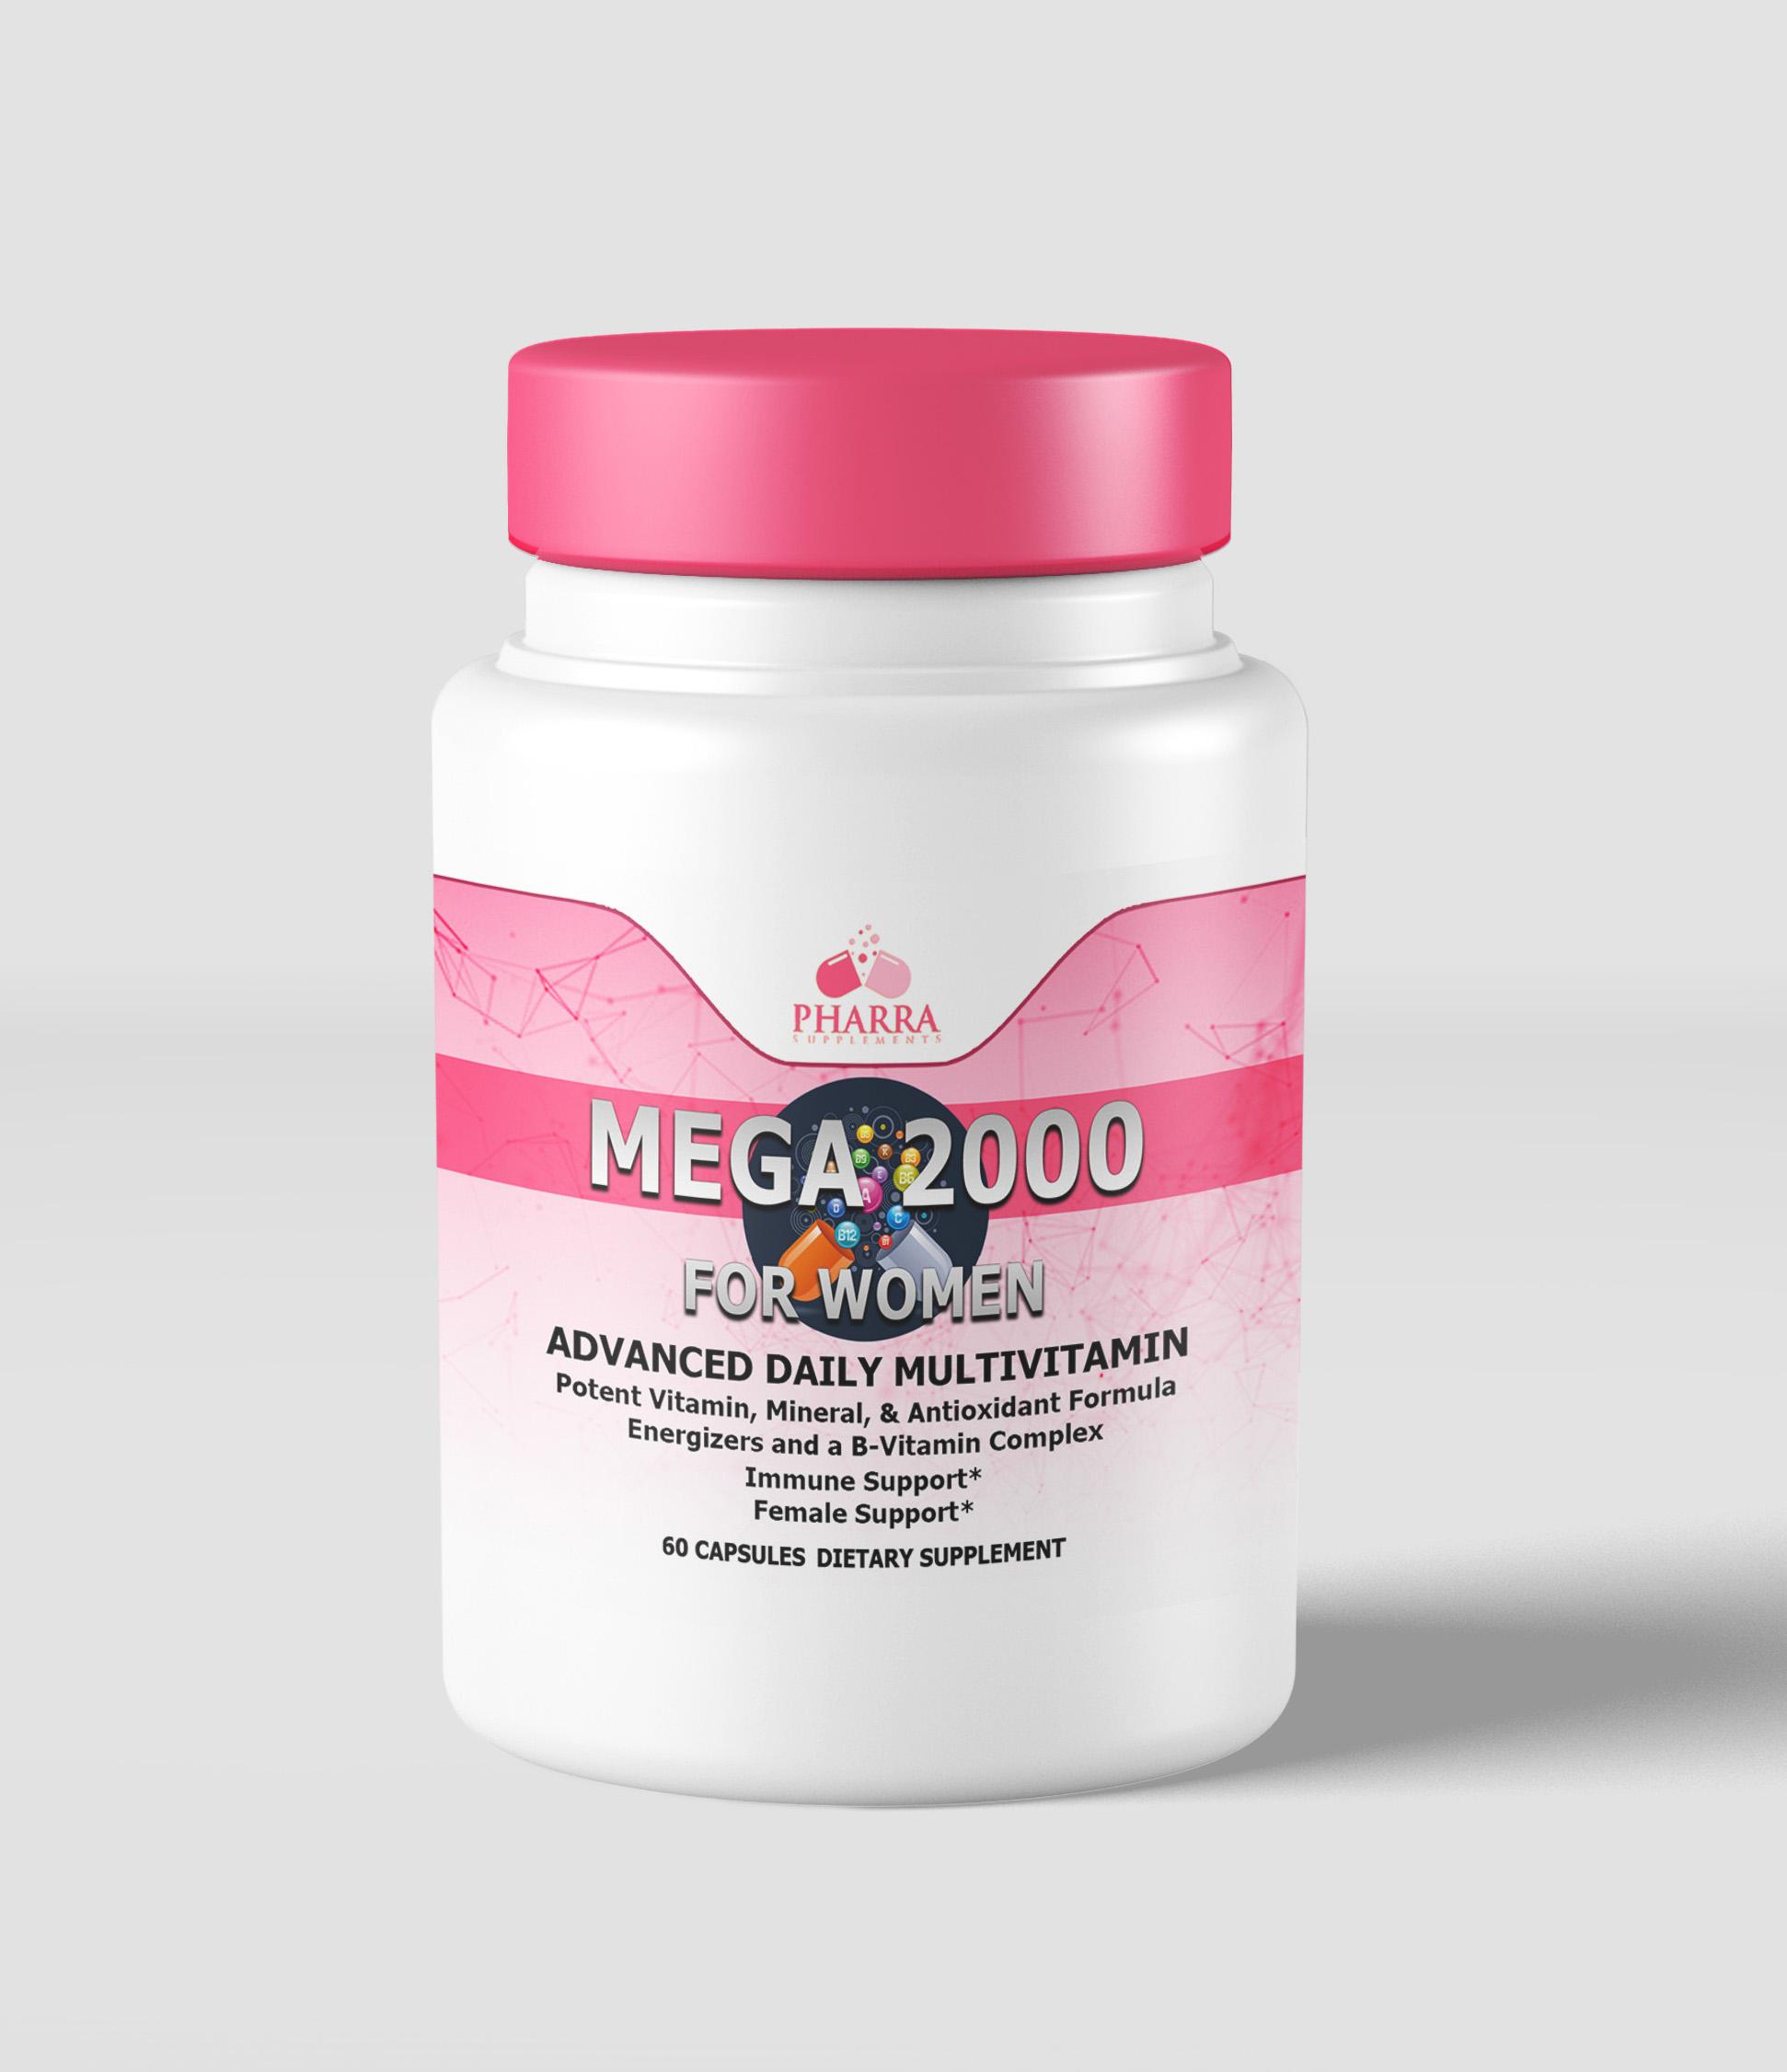 Mega 2000 for Women